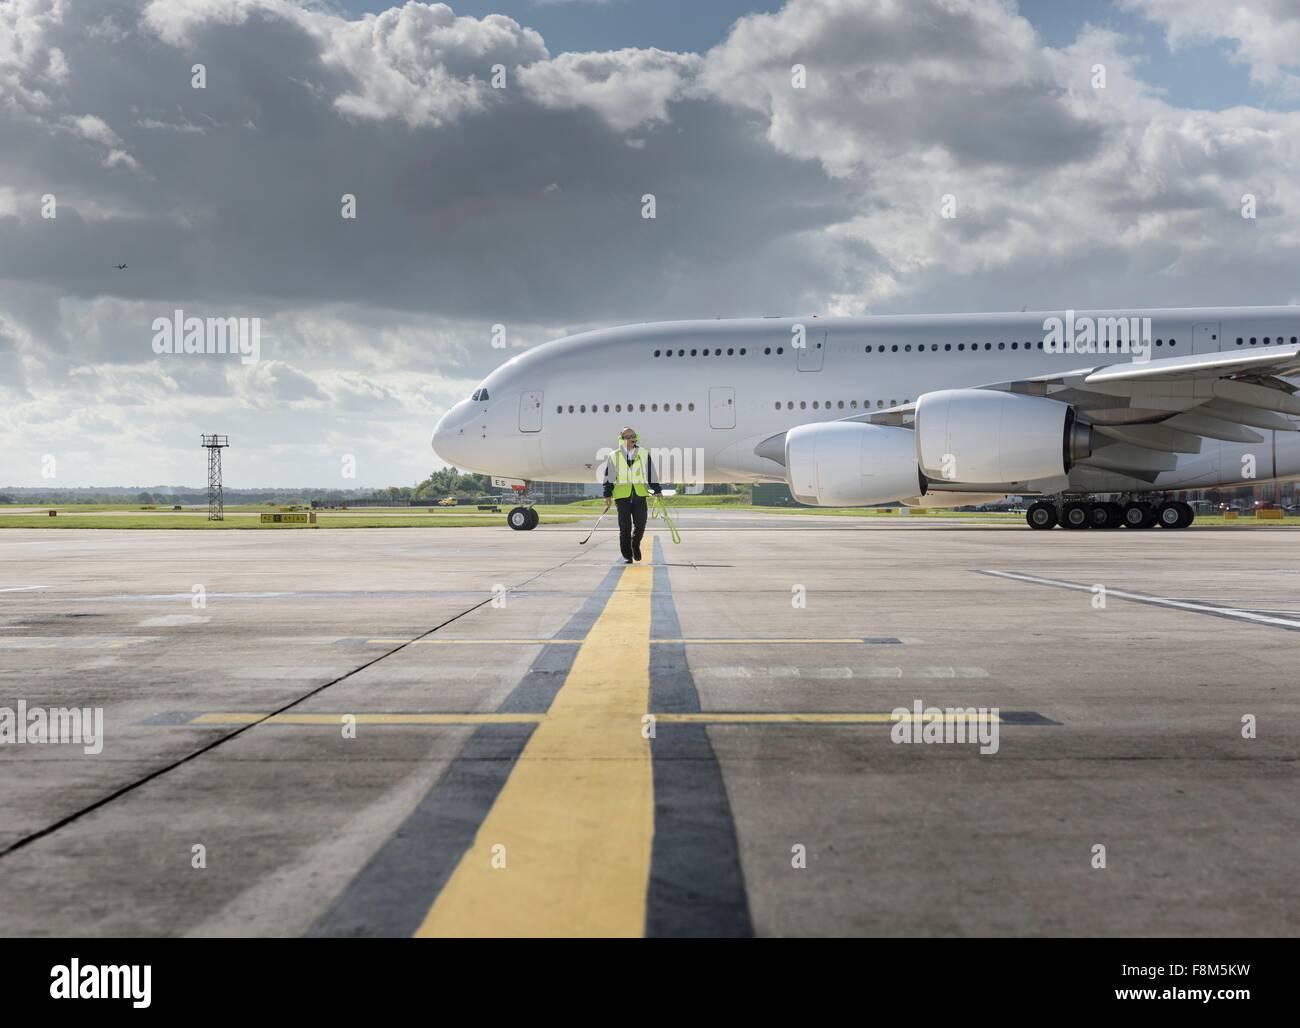 Ingegnere capo a piedi dalla pista come380 partono dall'aeroporto Immagini Stock